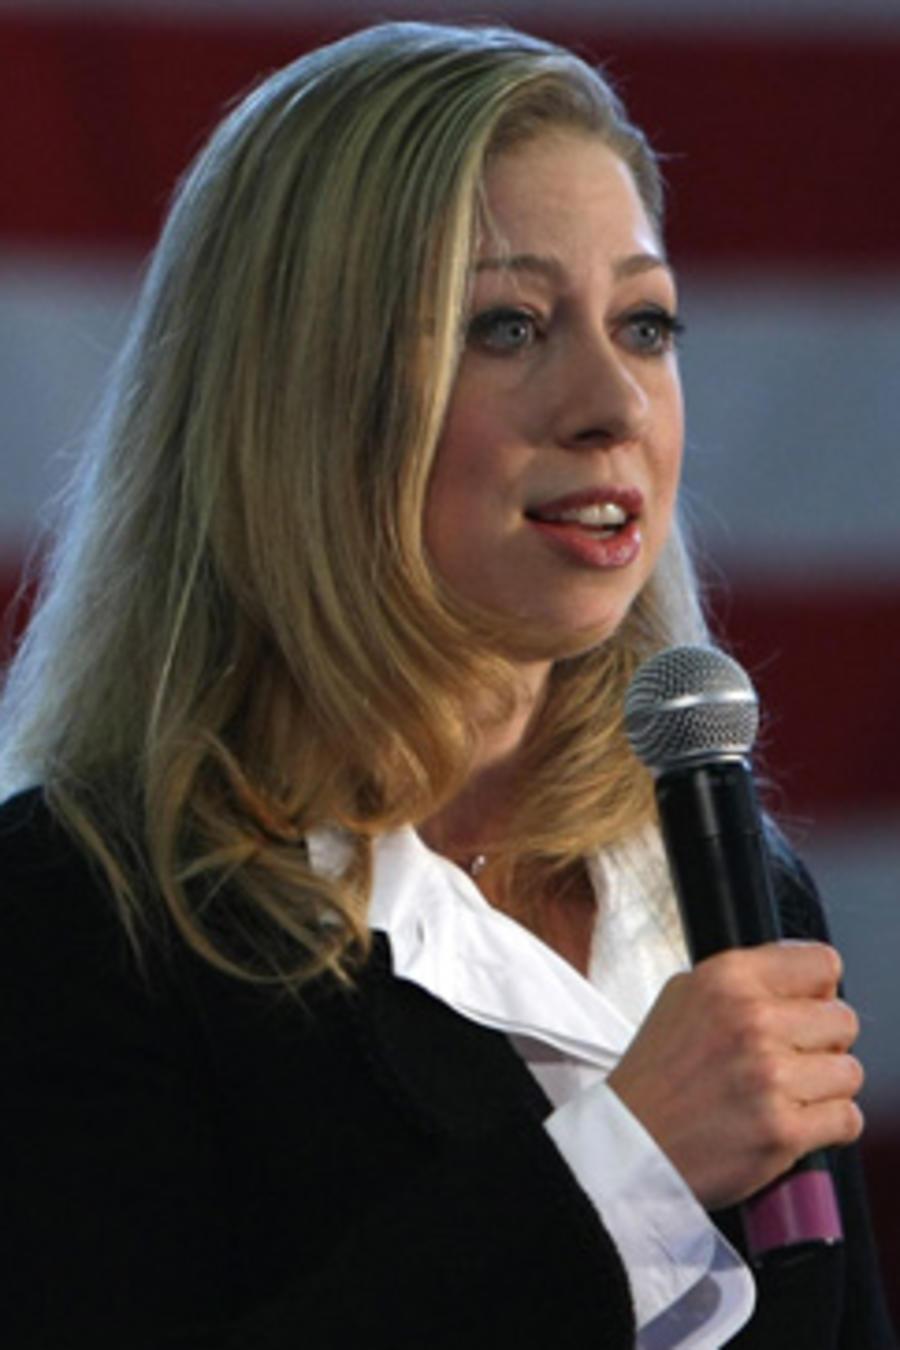 Chelsea Clinton se emocionó al hablar de Hillary Clinton